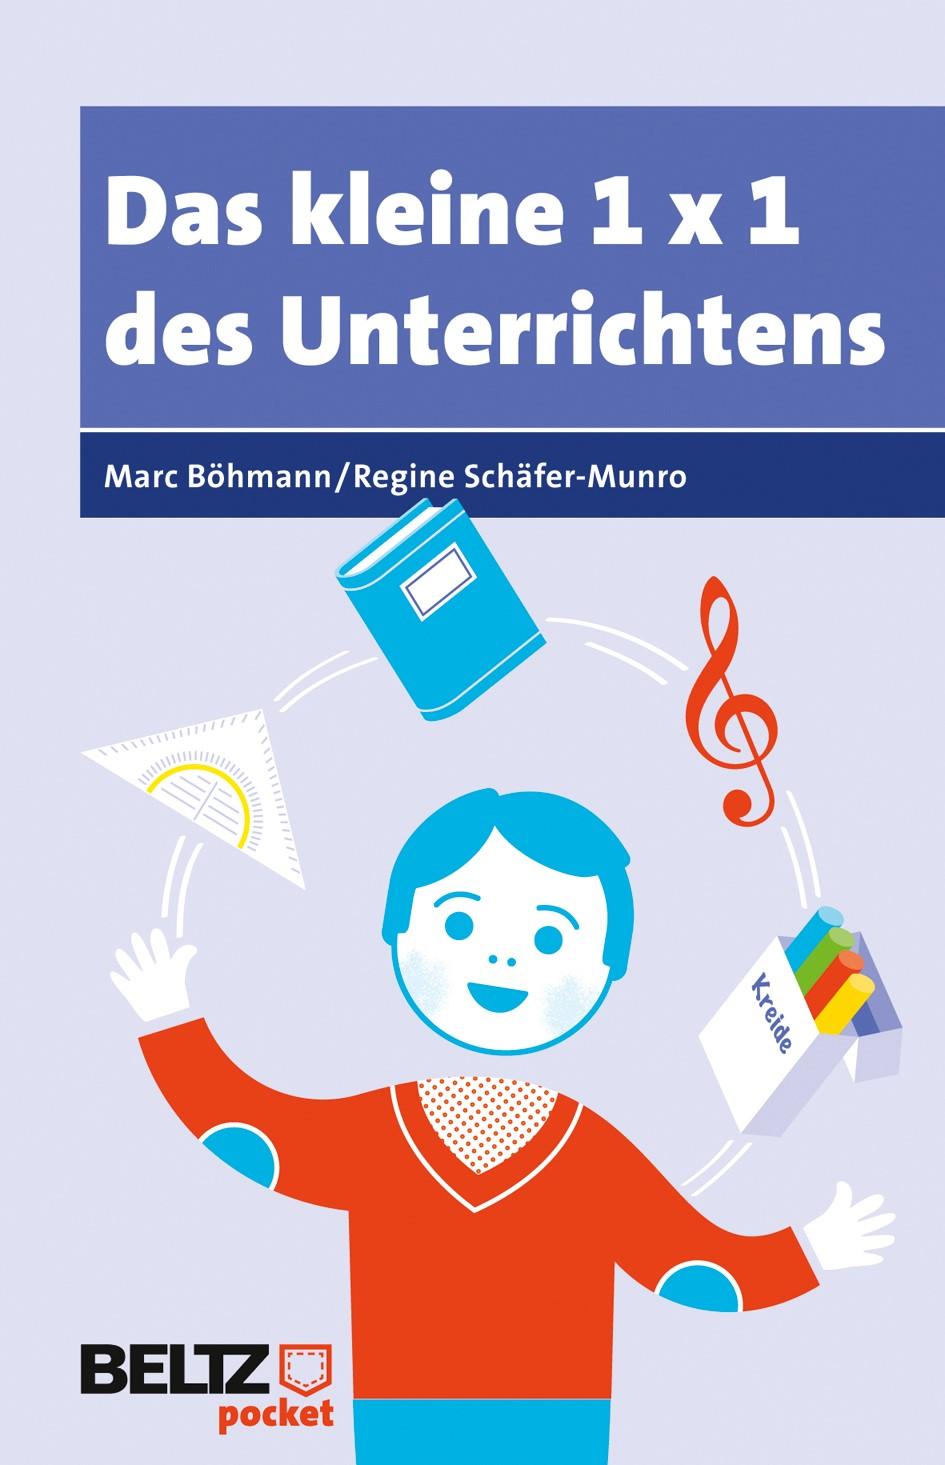 Abbildung von Böhmann / Schäfer-Munro | Das kleine 1×1 des Unterrichtens | Deutsche Erstausgabe | 2012